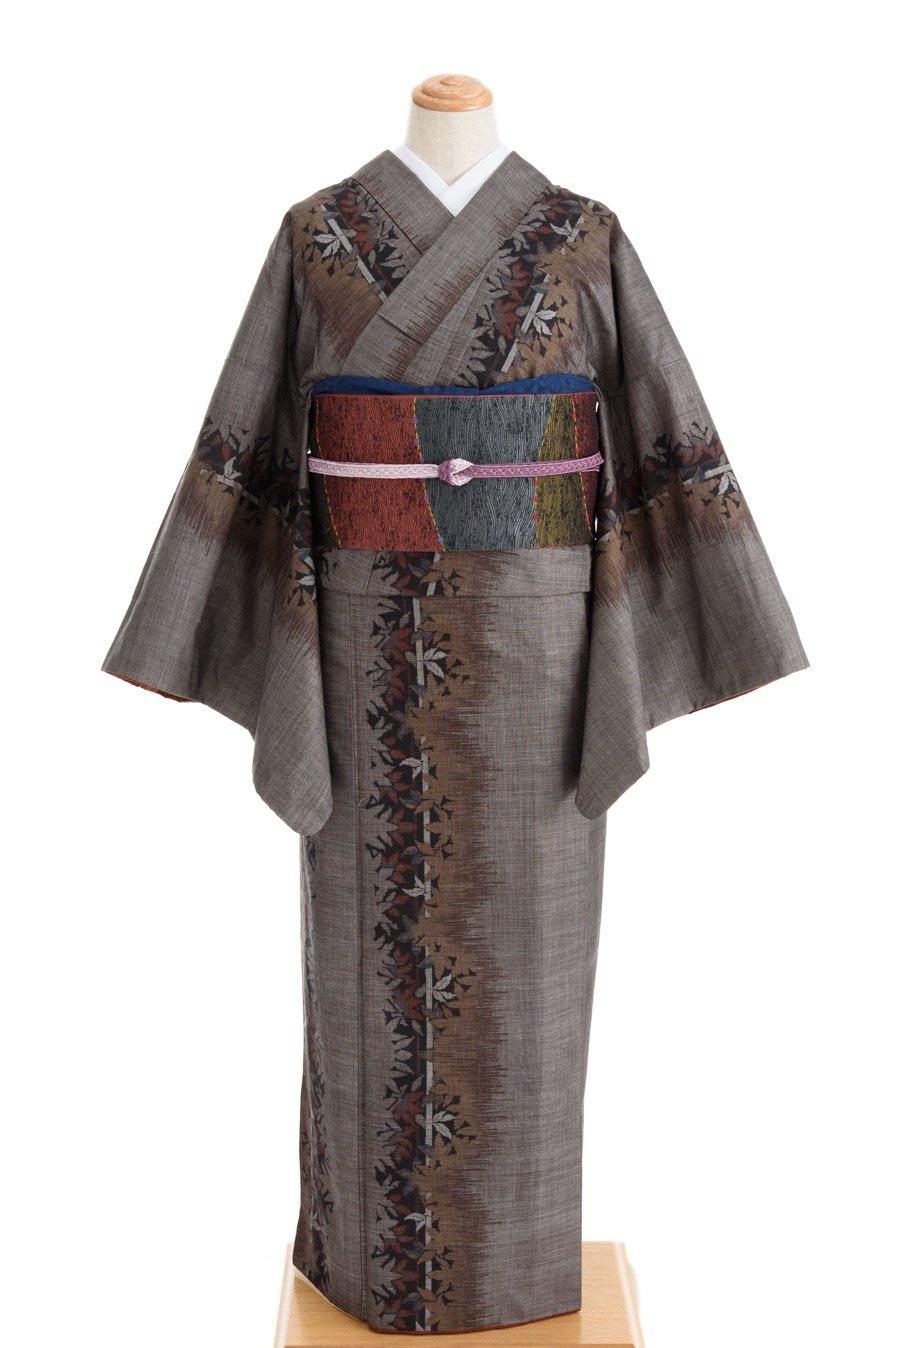 「大島紬 木々の影」の商品画像